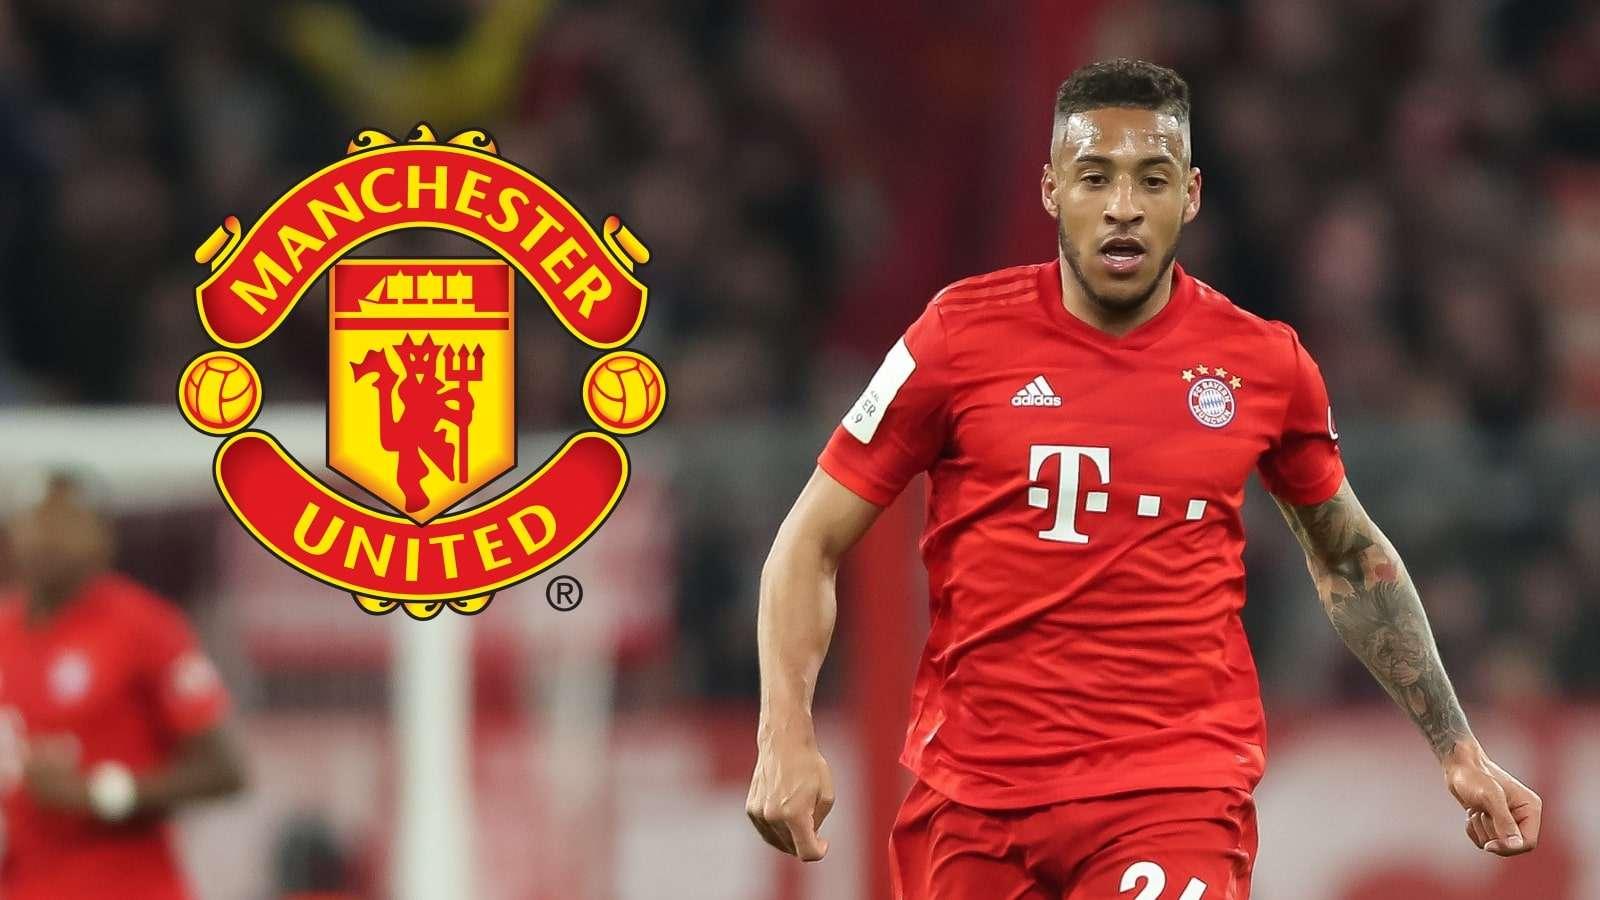 Corentin Tolisso Bayern Munich 2019-20